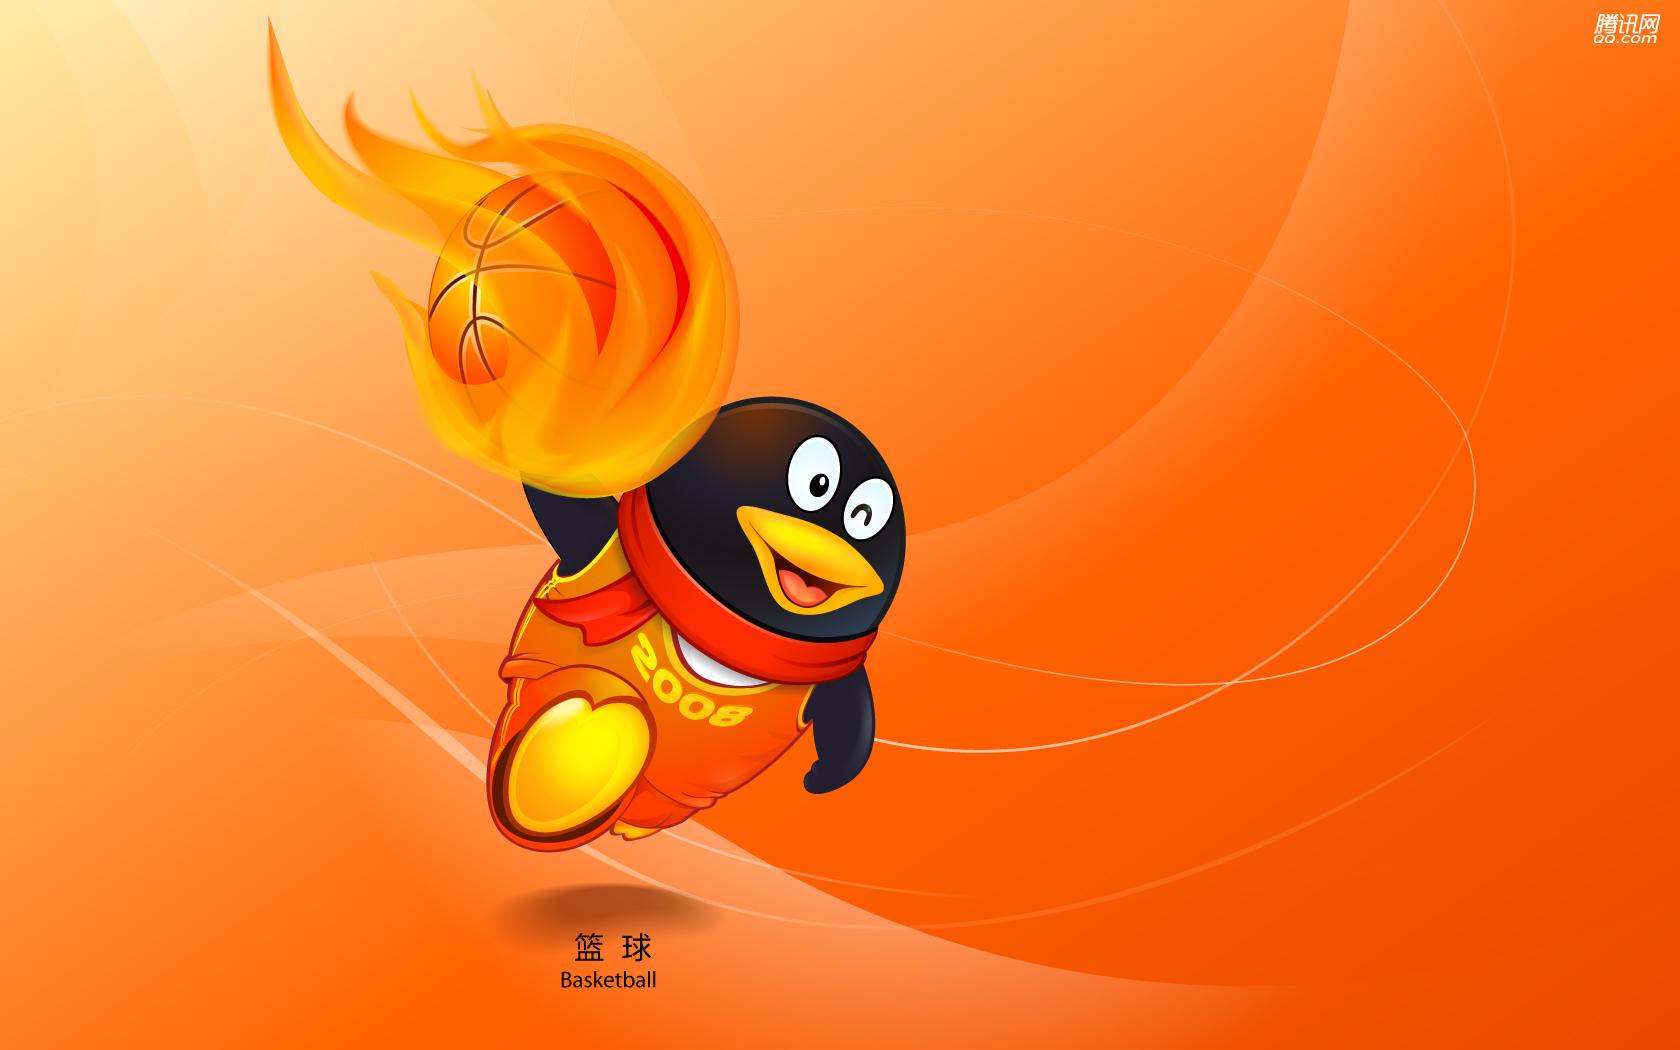 Пекин олимпиада 2008, символ, пингвин, баскетбол, скачать фото, обои для рабочего стола